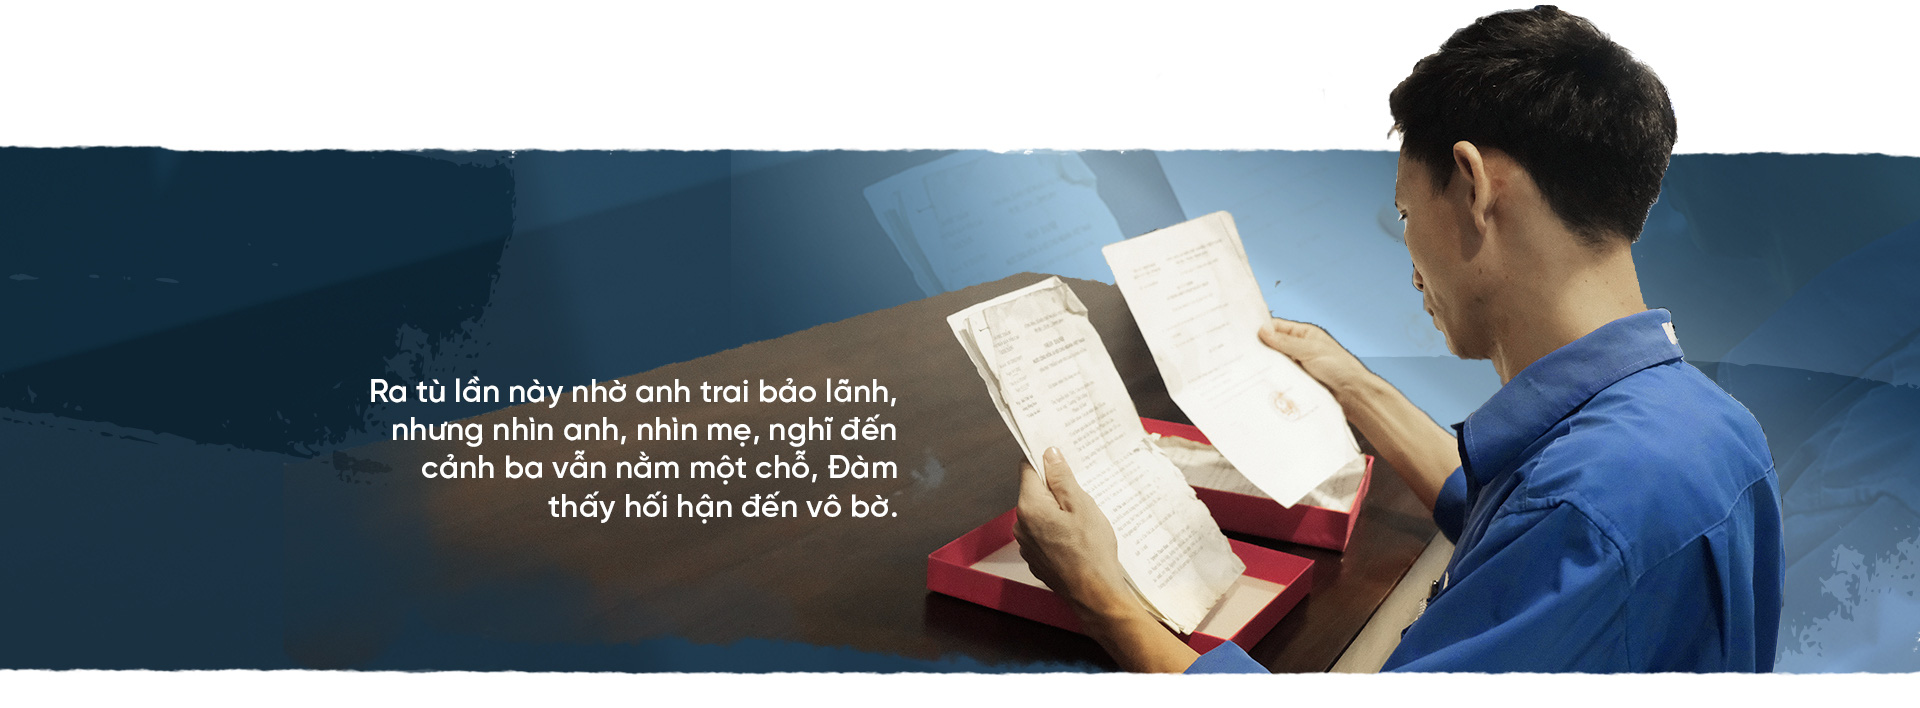 Nguyễn Thanh Đàm: Ở tận cùng đớn đau, là hi vọng - Ảnh 11.